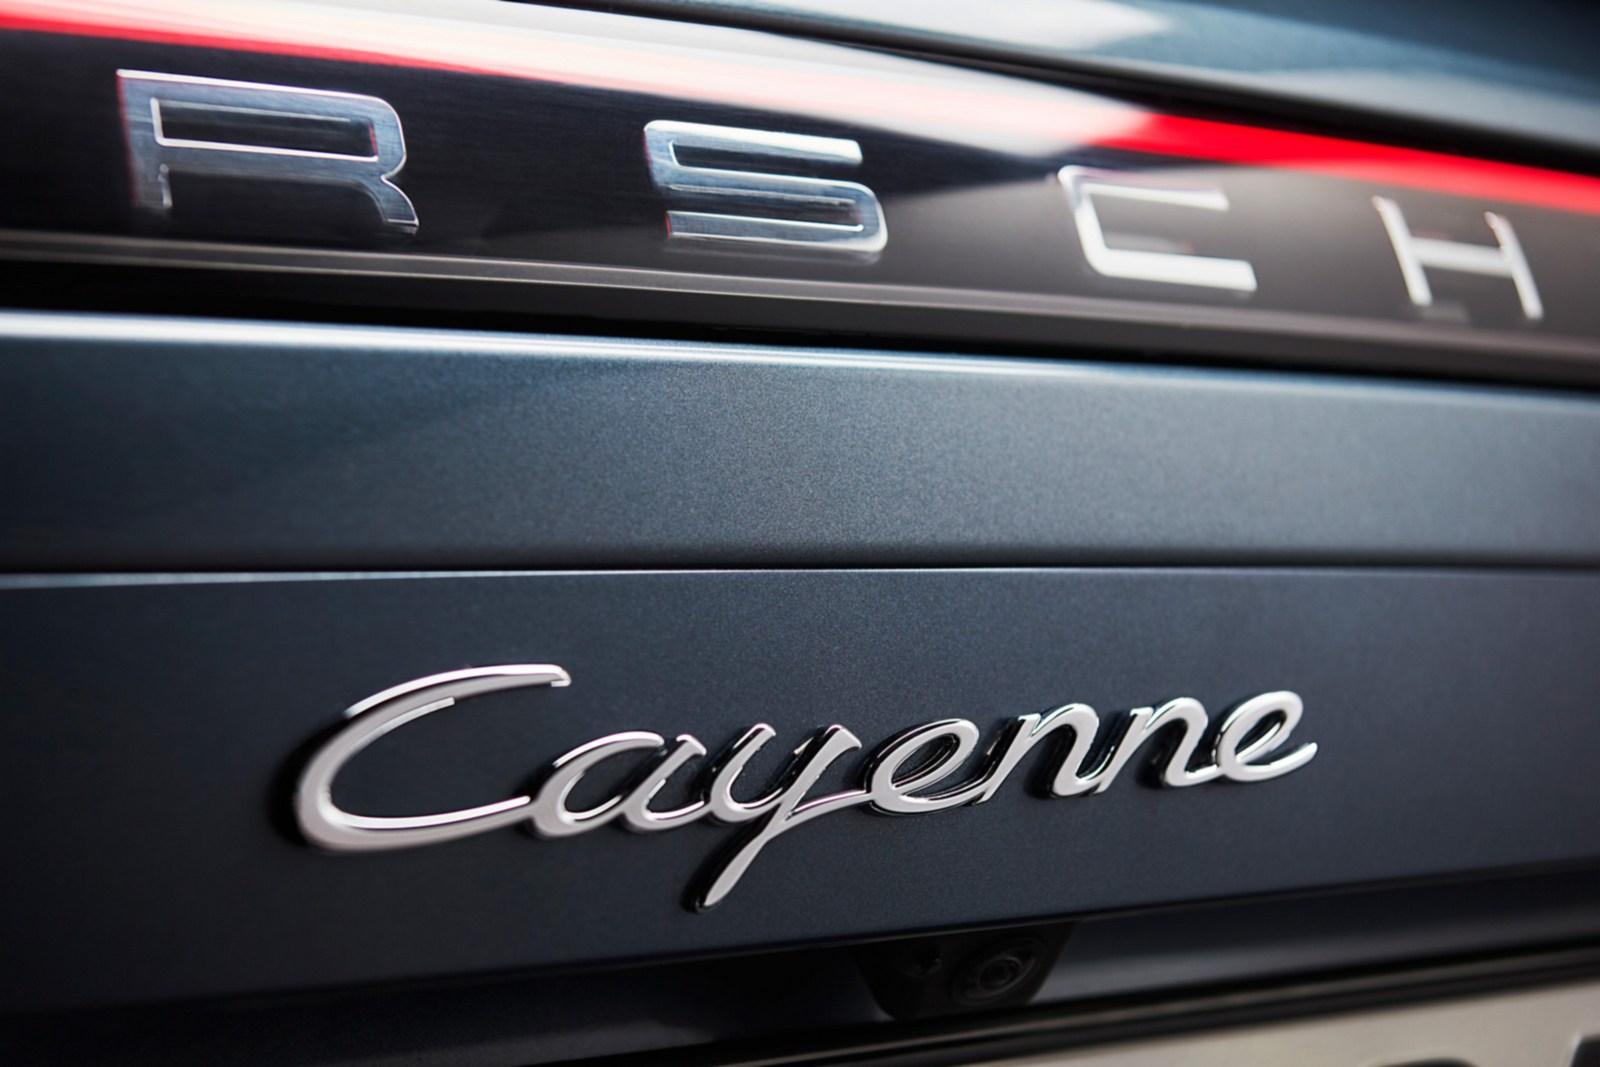 Porsche-Cayenne-11